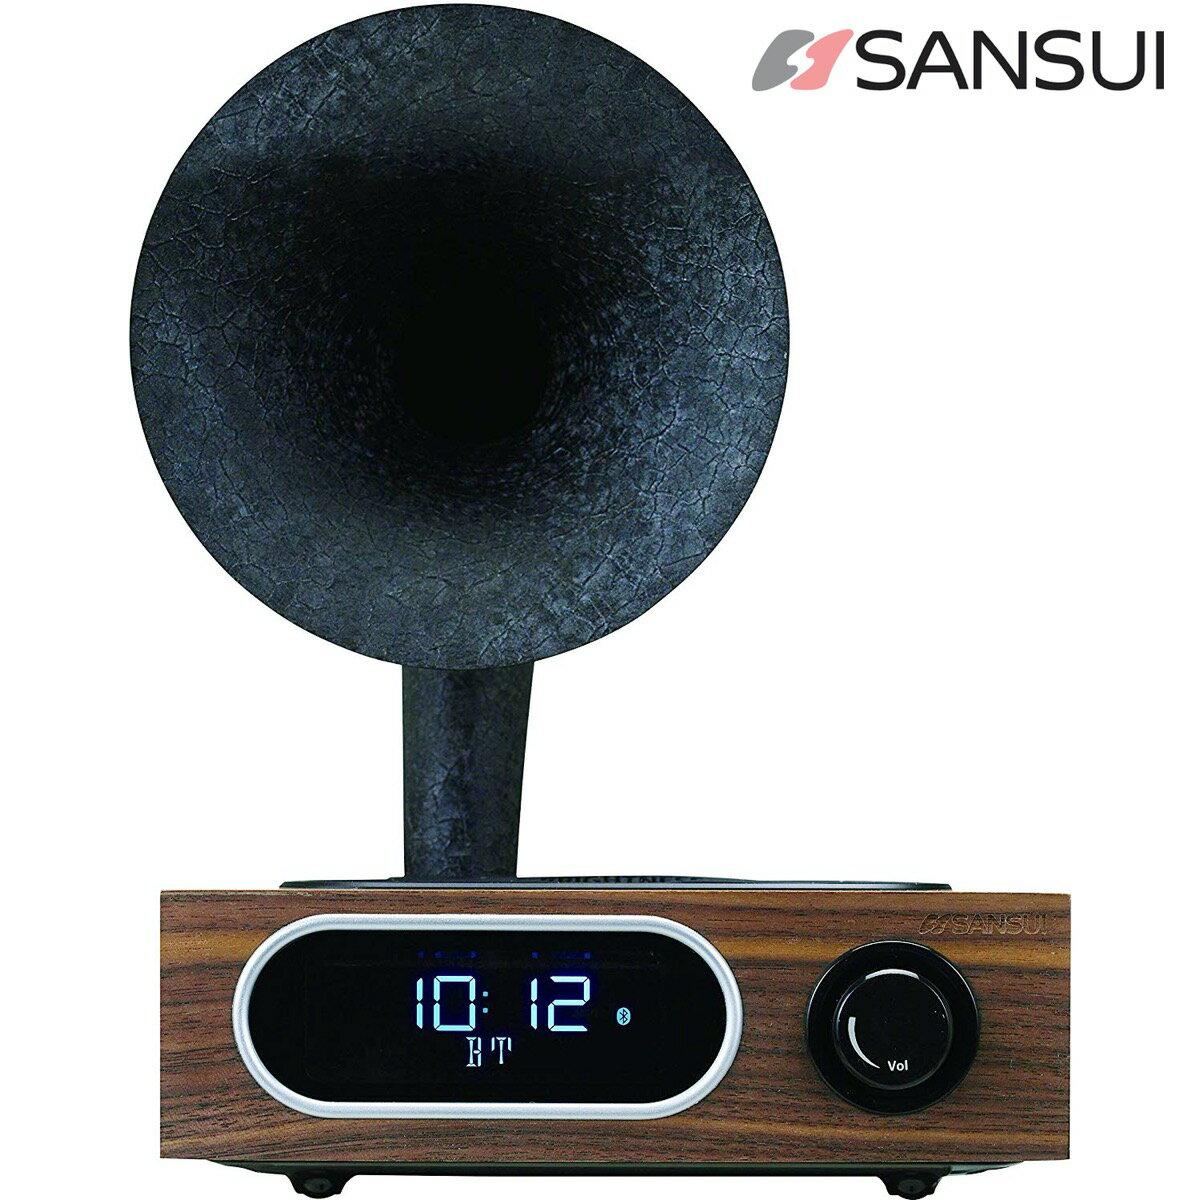 オーディオ, スピーカー SANSUI MSR-5 Bluetooth FM 10W (08)